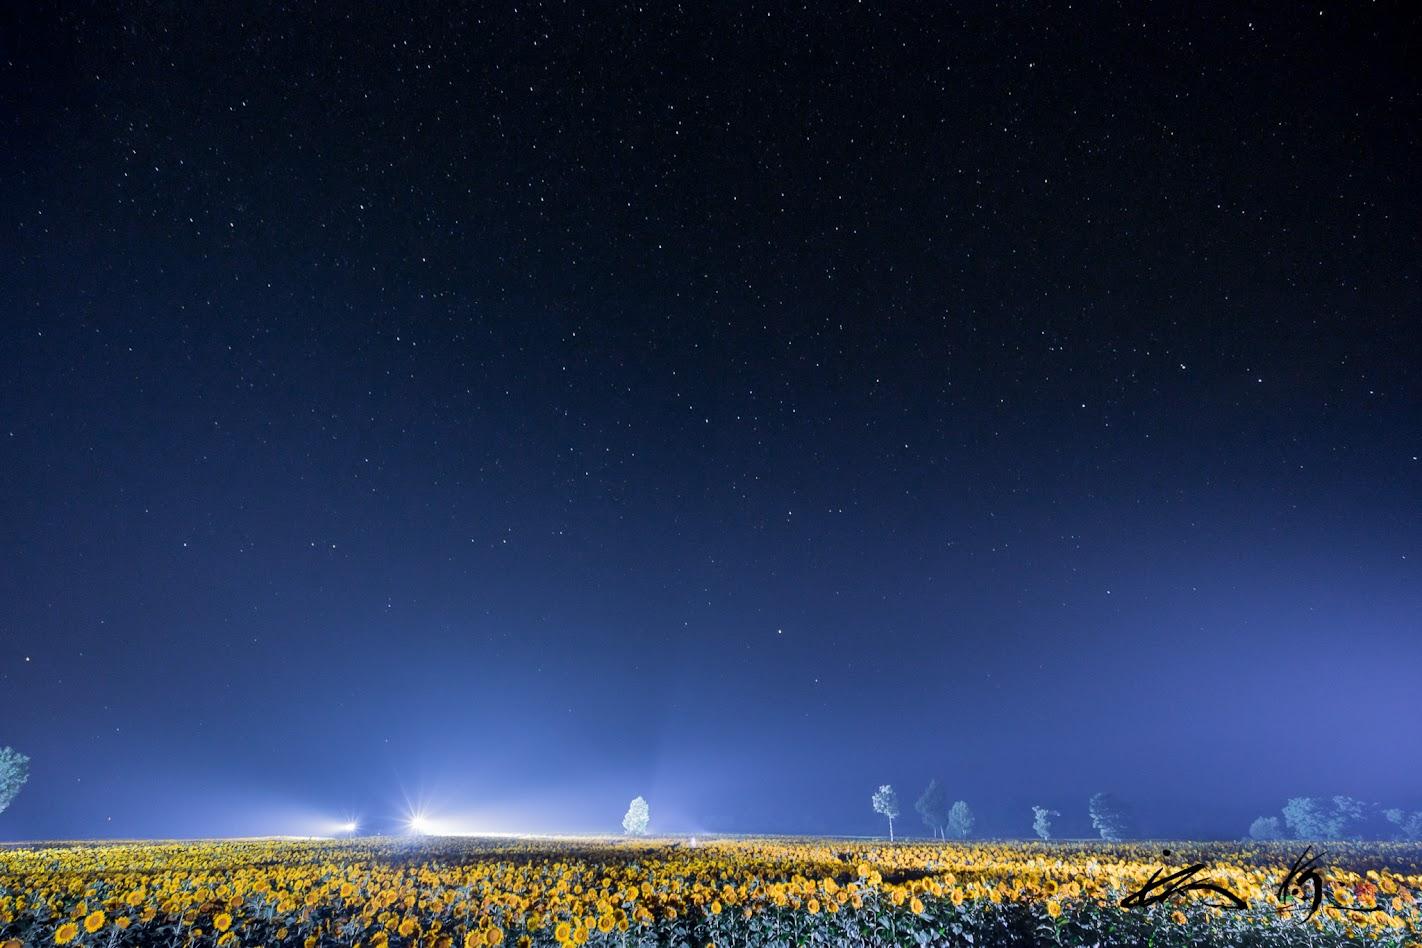 壮大な宇宙に浮かび上がるひまわり畑